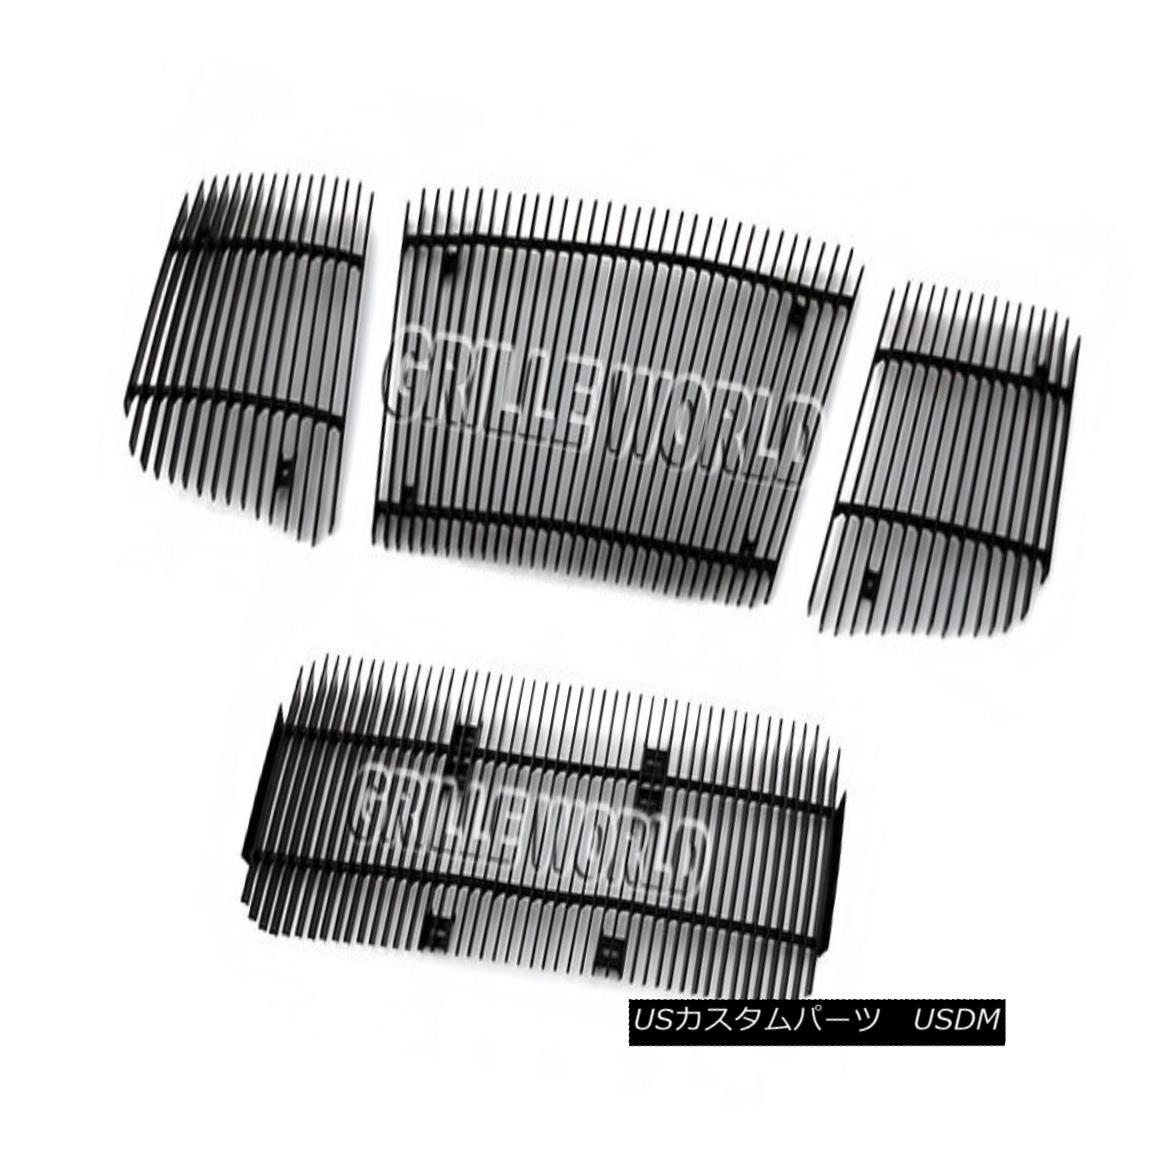 グリル For 04-07 Titan/Armada Black Vertical Billet Premium Grille Combo 04-07タイタン/アルマダブラック縦型ビレットプレミアムグリルコンボ用